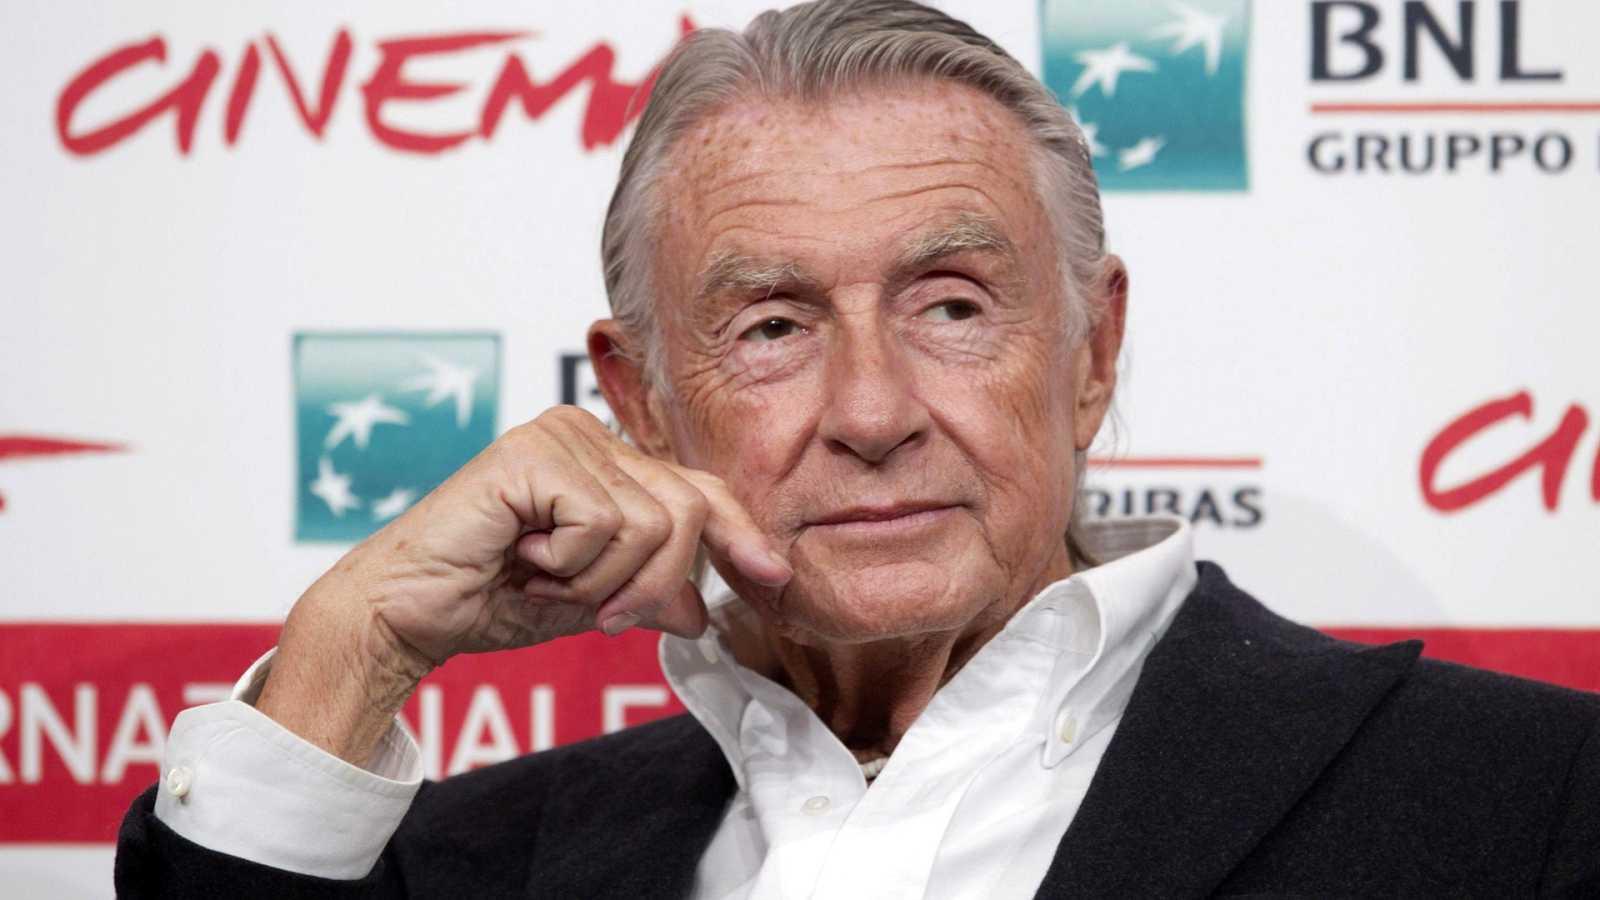 Muere a los 80 años el director de cine Joel Schumachercher